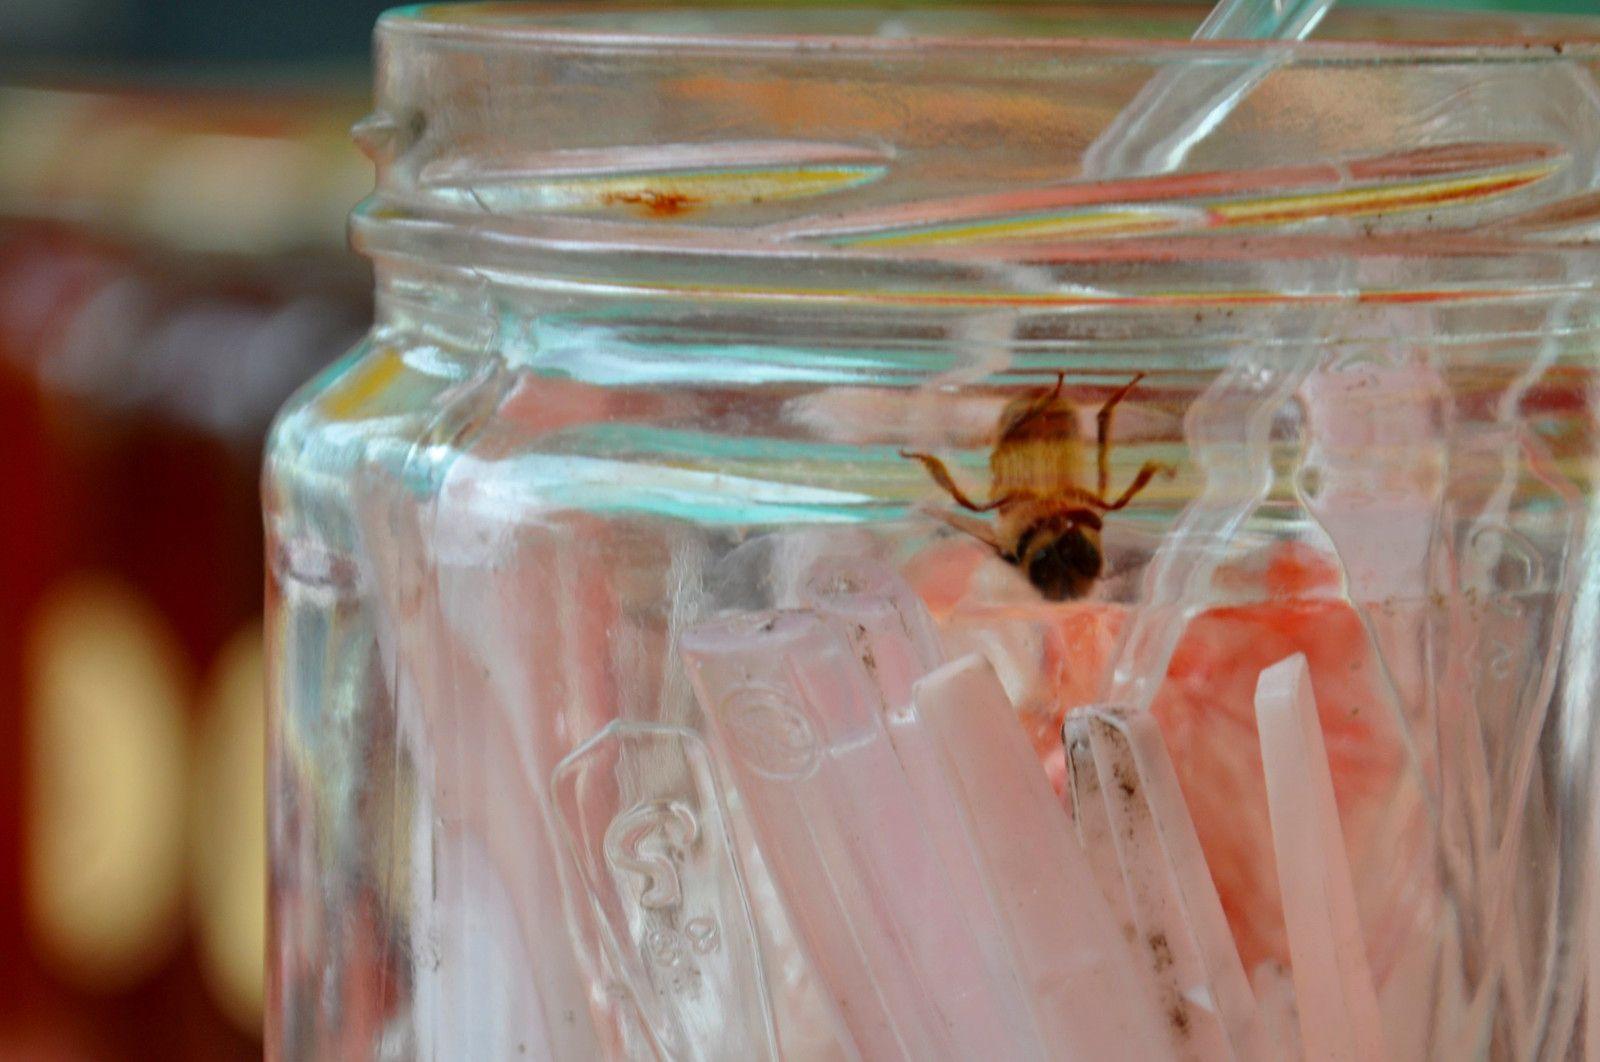 En bonus des abeilles dans le pot des cuillères